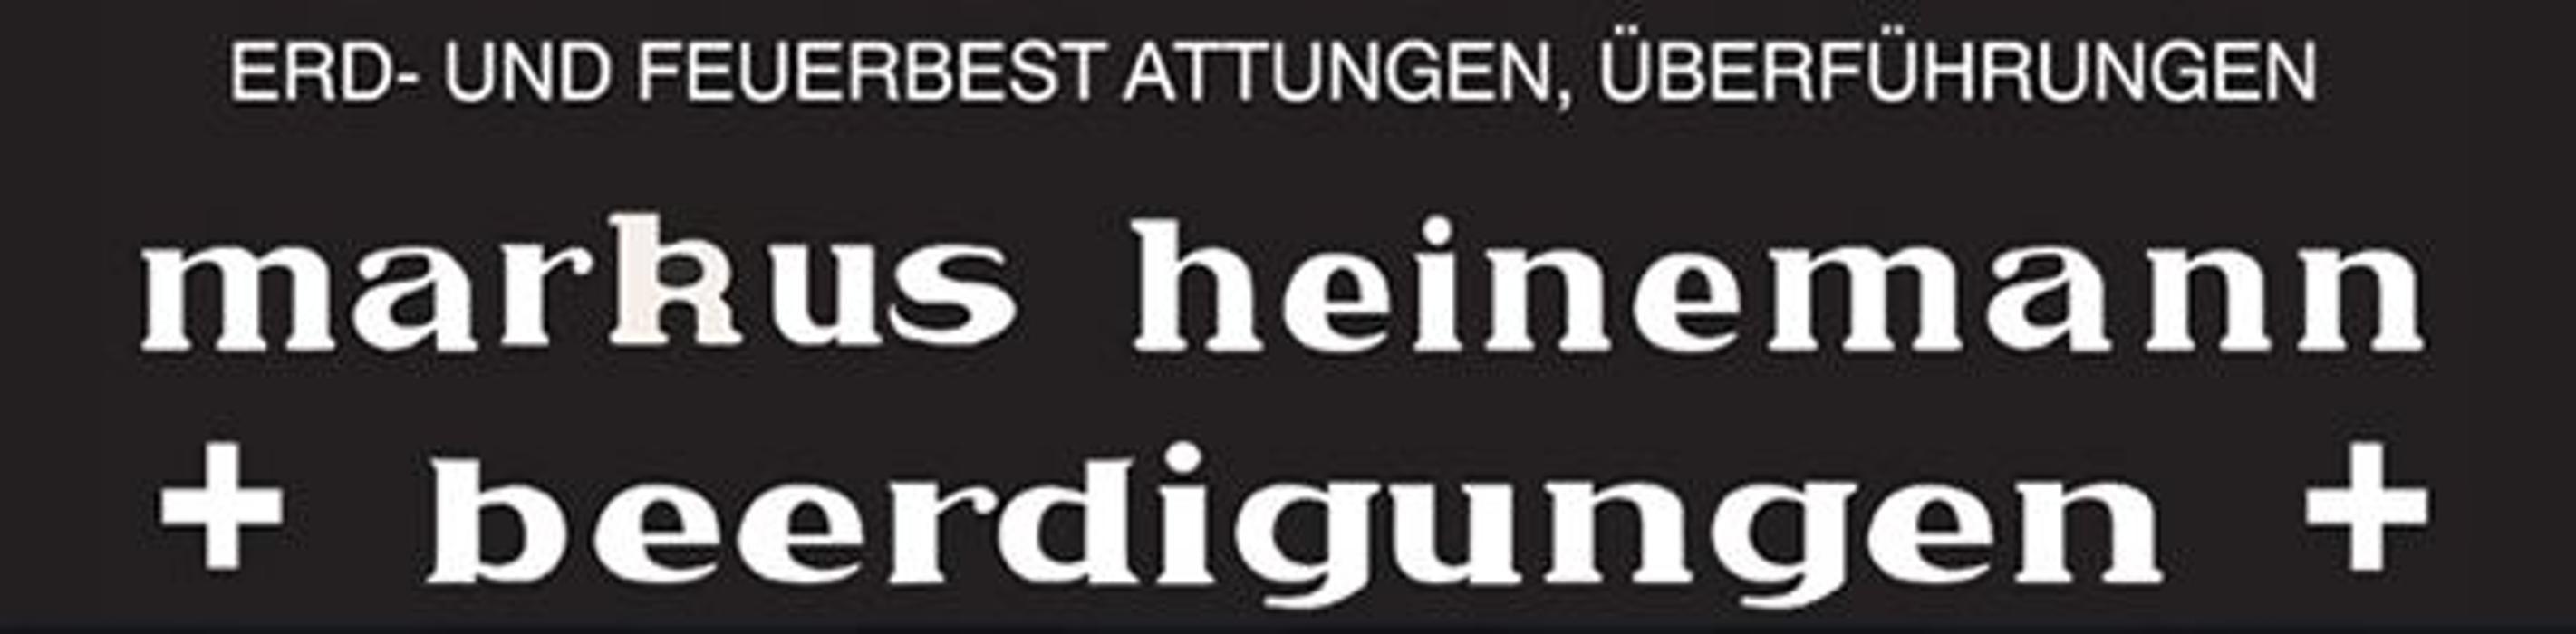 Bild zu Markus Heinemann Bestattungen in Hildesheim